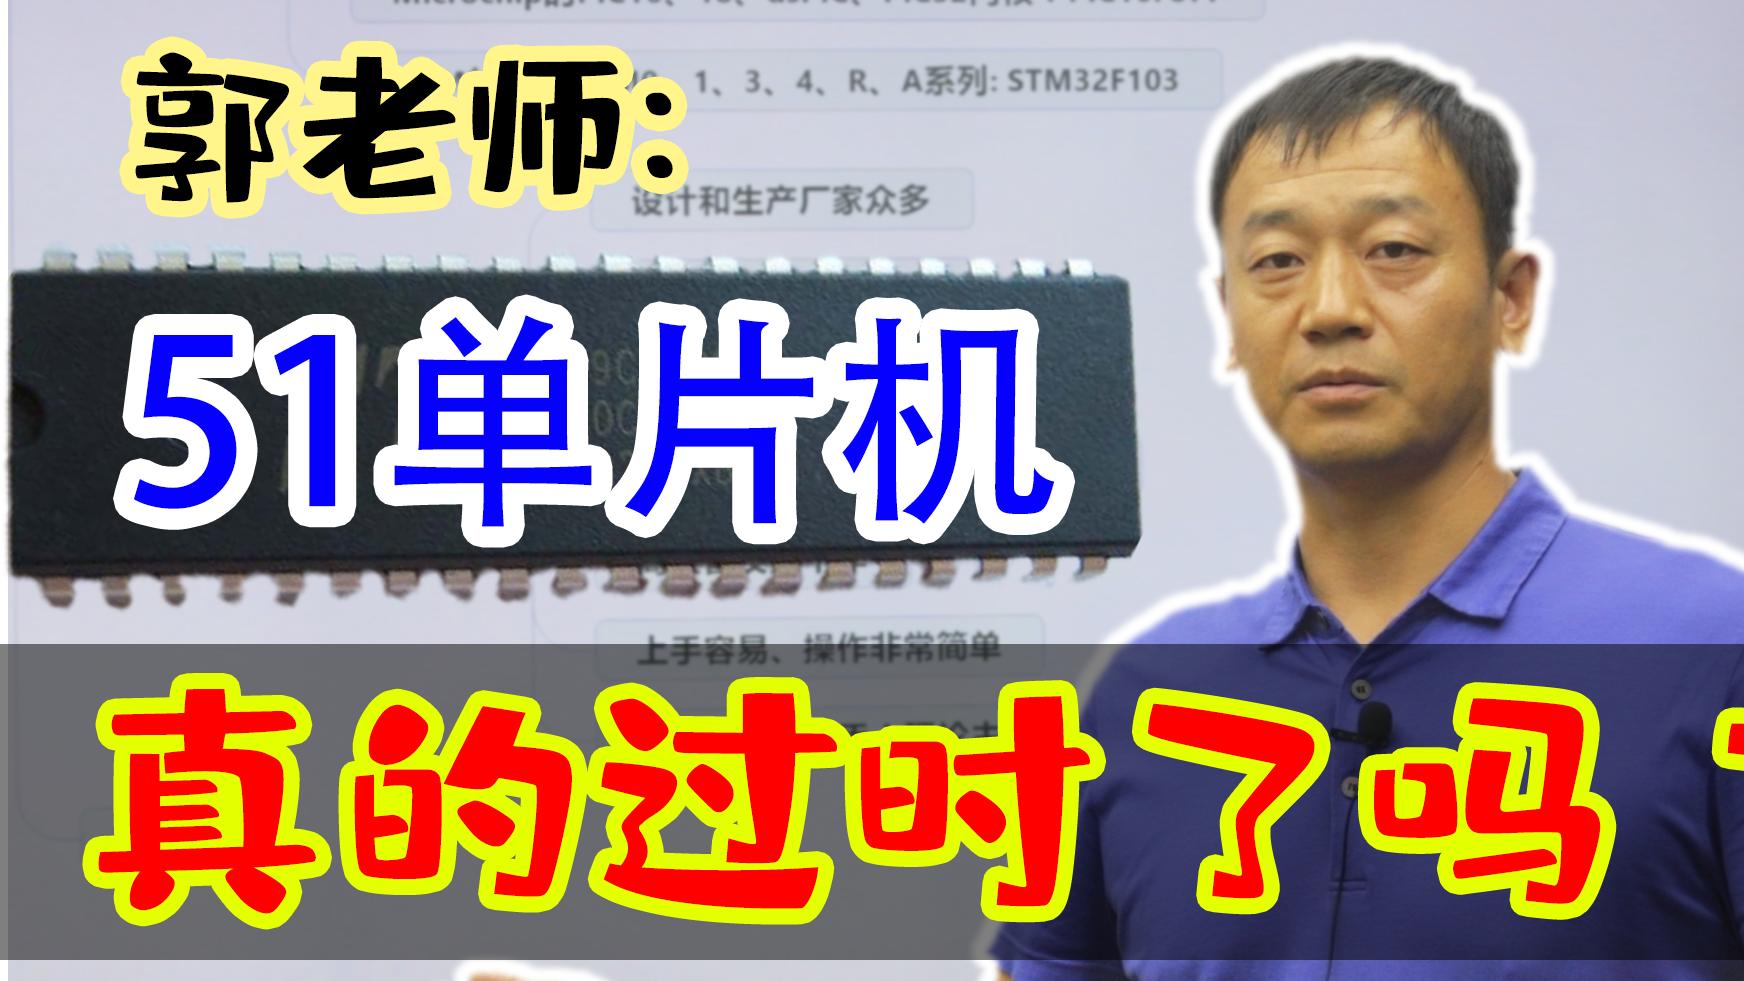 郭天祥—多角度分析 51单片机真的已经过时了吗?